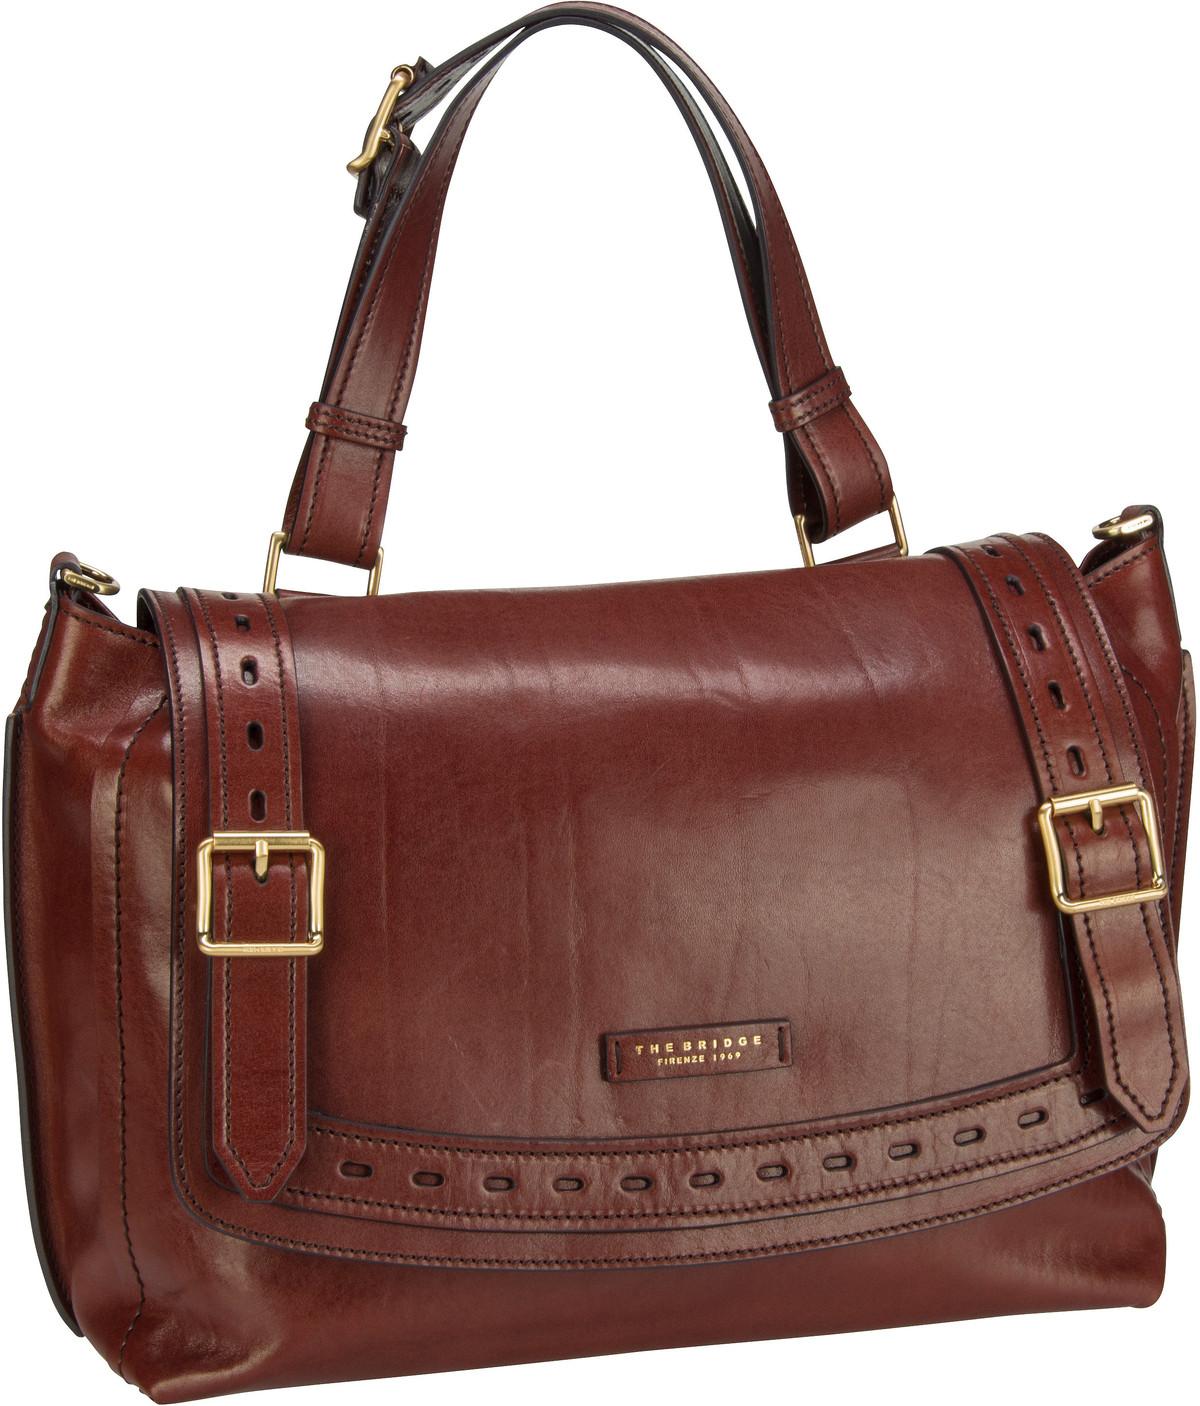 Handtasche Calimala Handtasche 4529 Marrone